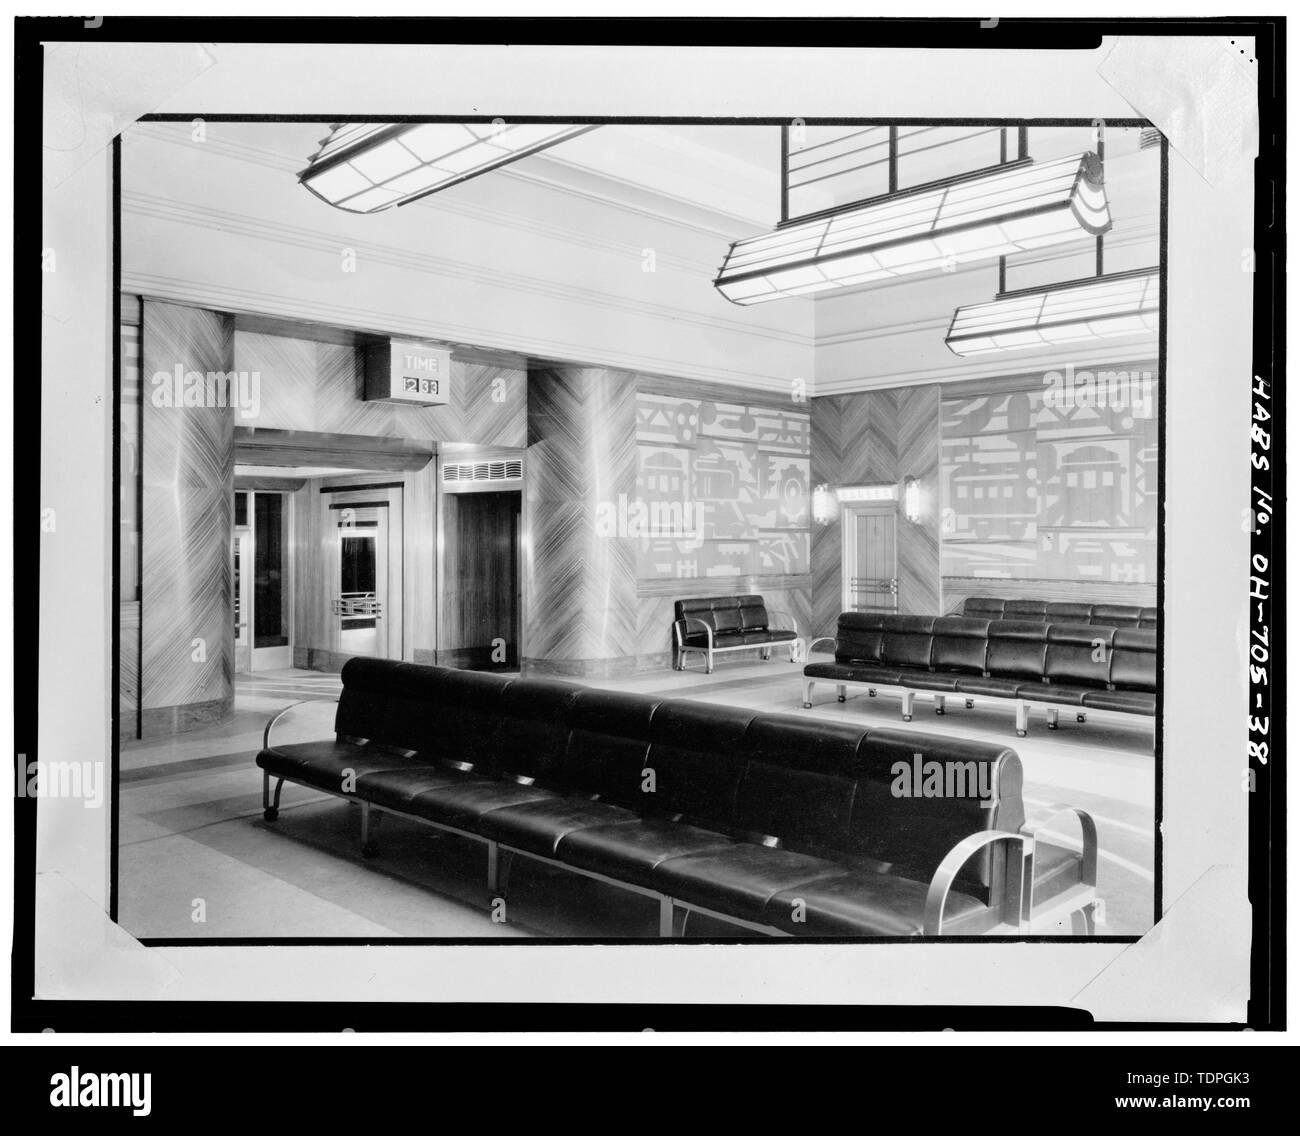 MEN'S LOUNGE, LOOKING SOUTHWEST - Cincinnati Union Terminal, 1301 Western Avenue, Cincinnati, Hamilton County, OH - Stock Image